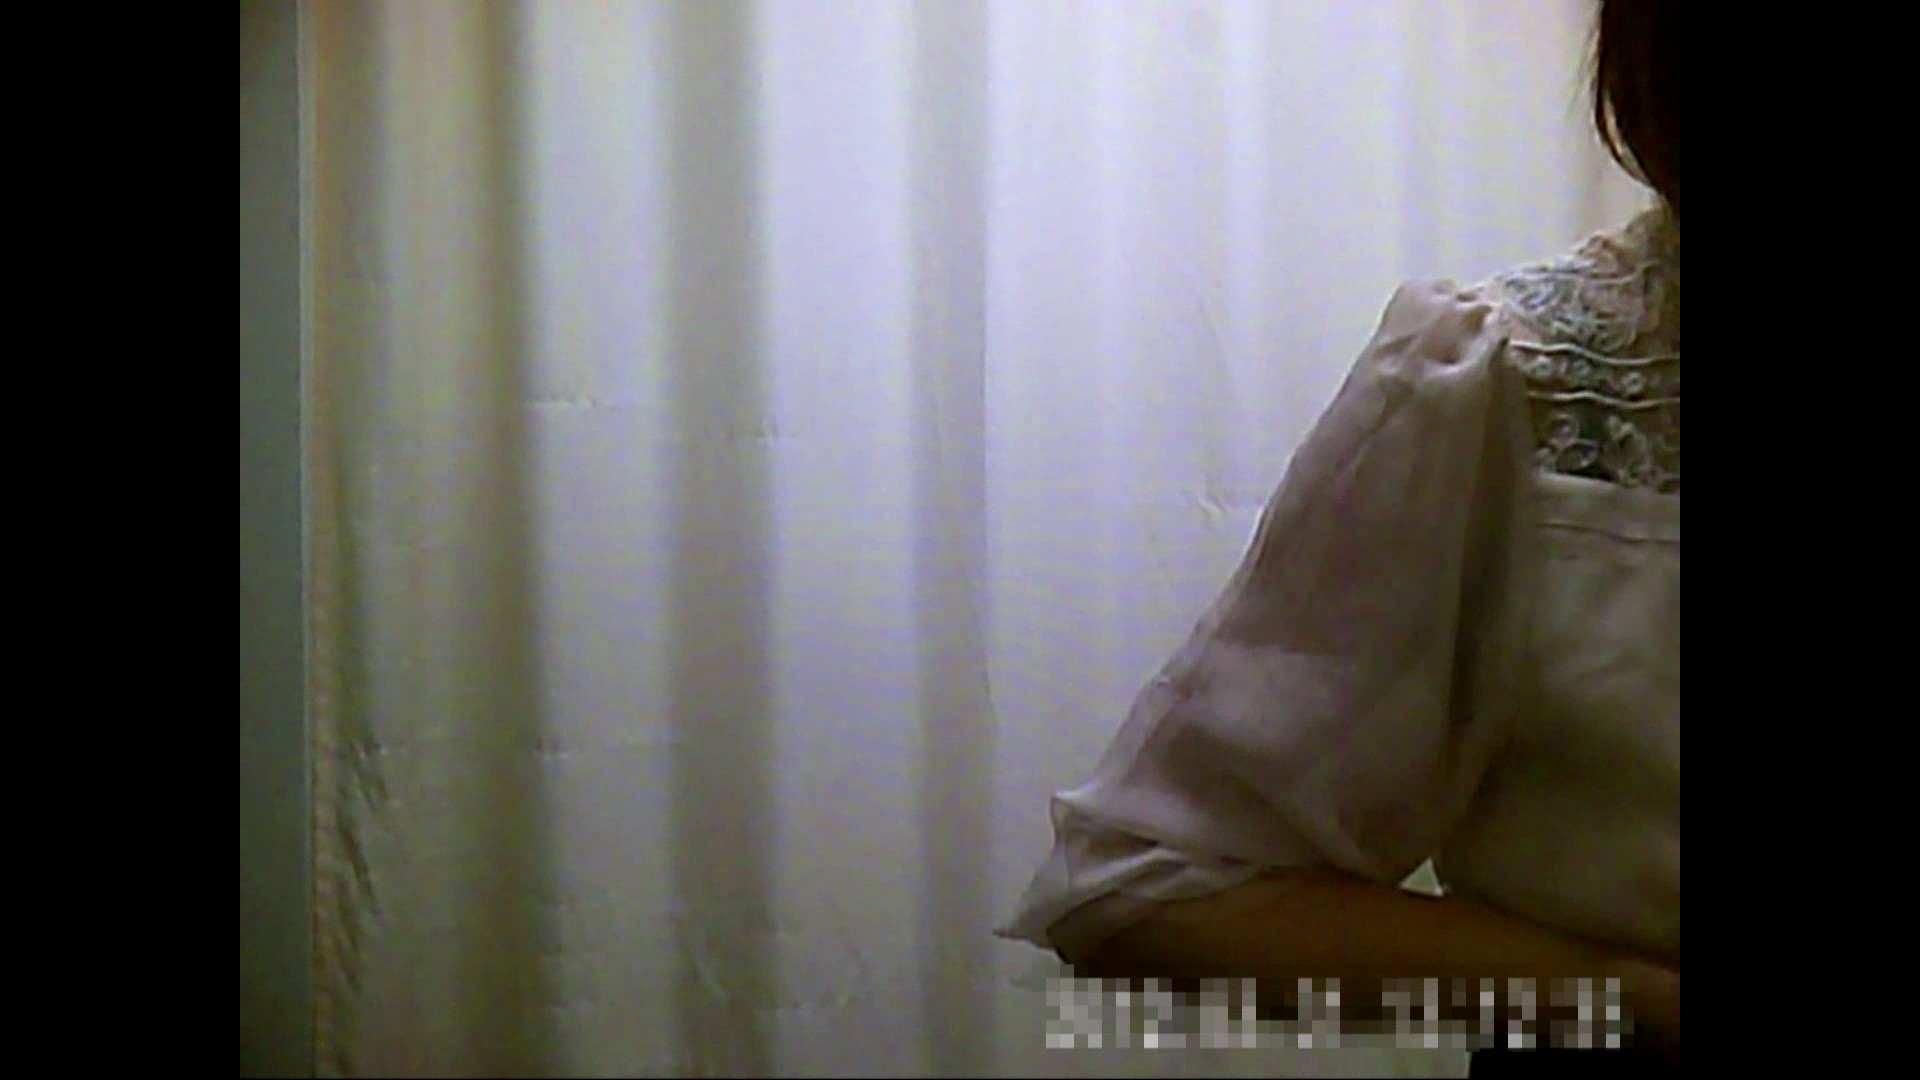 元医者による反抗 更衣室地獄絵巻 vol.022 お姉さんのSEX エロ画像 82枚 29